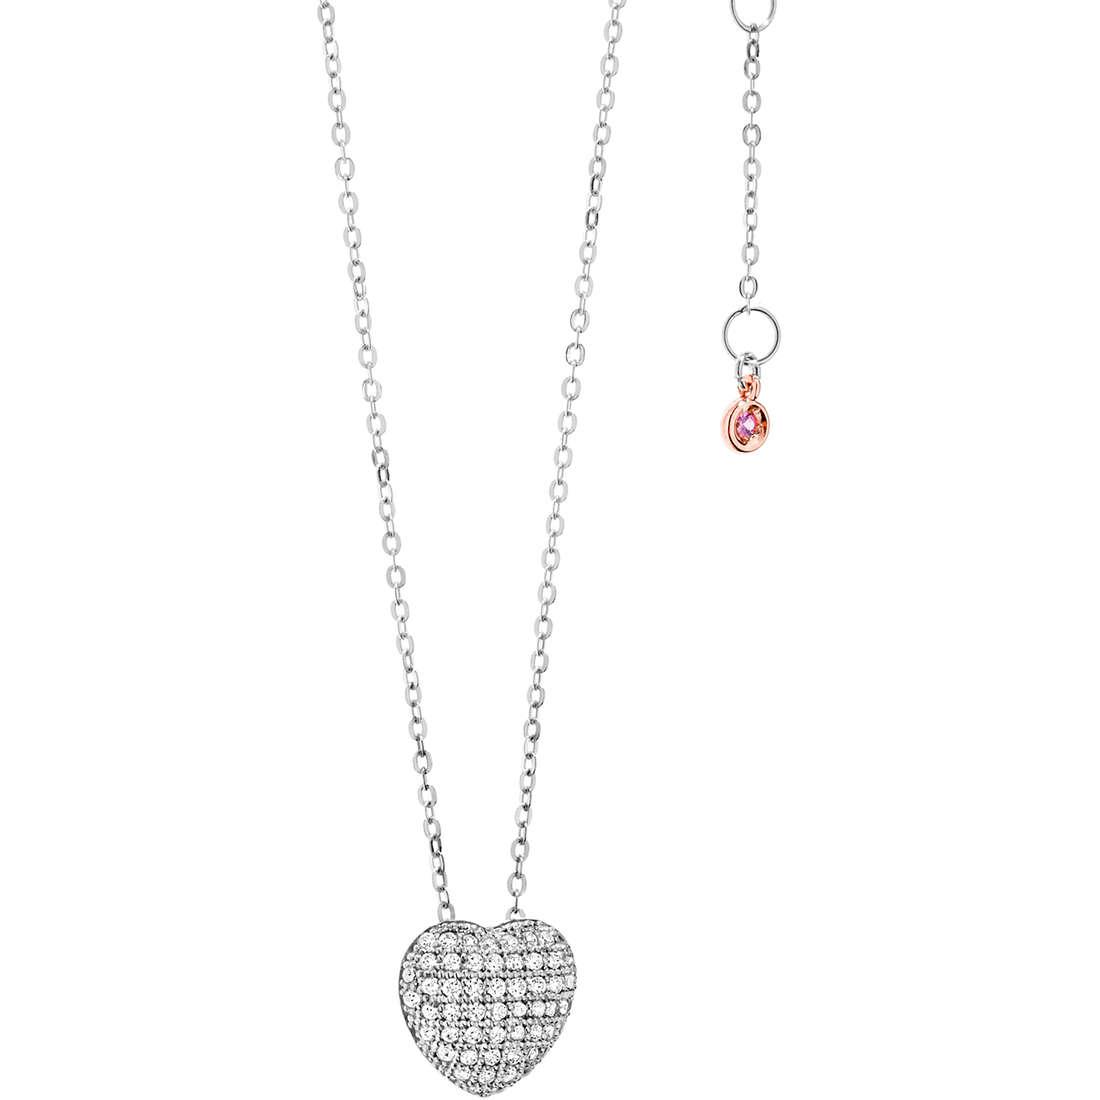 collana donna gioielli Comete Pietre preziose colorate GLB 913